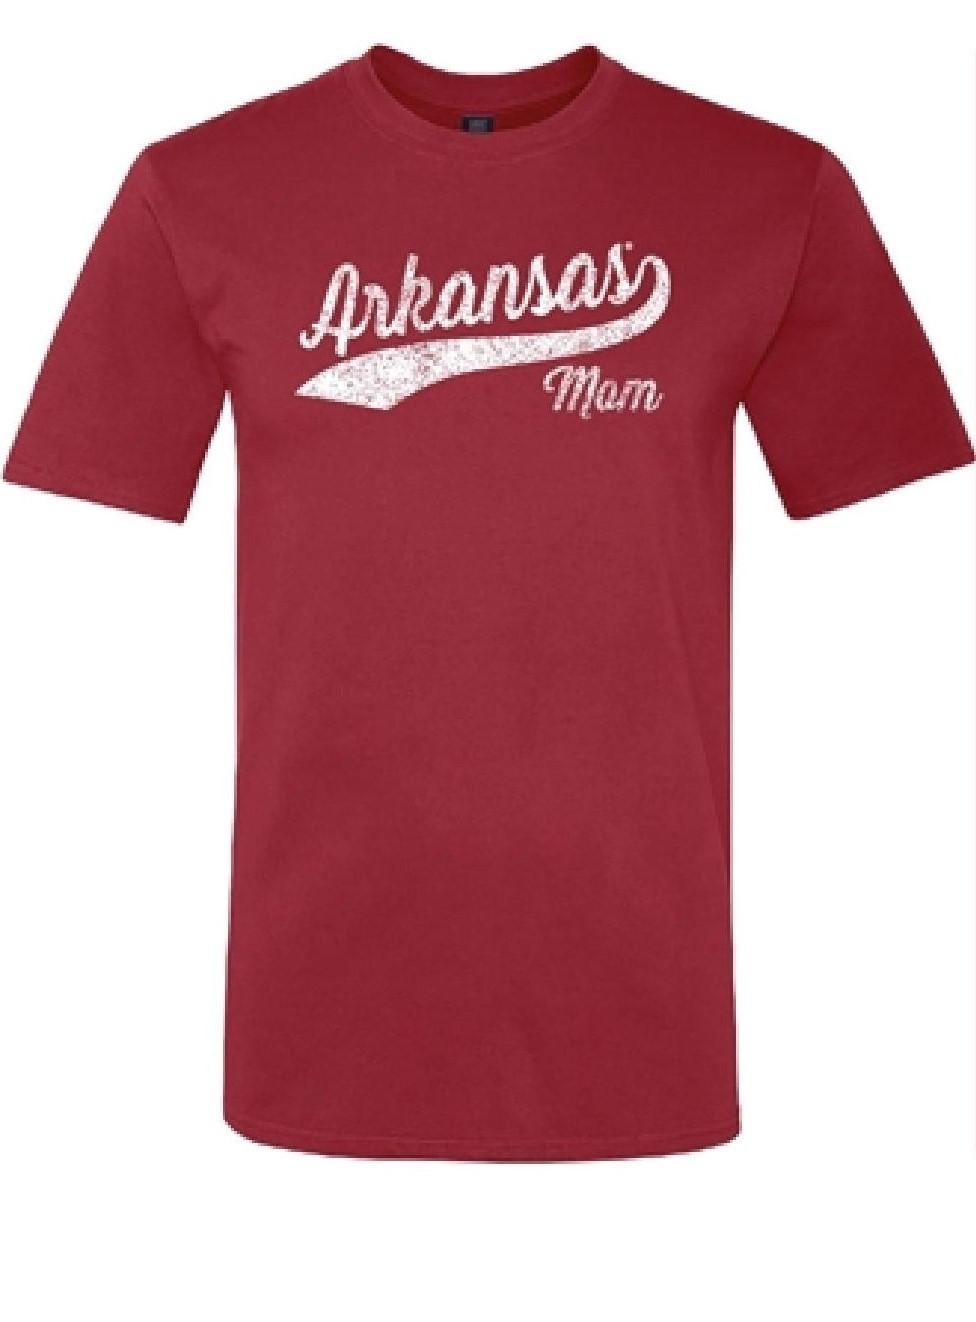 Arkansas Mom Cursive Tee